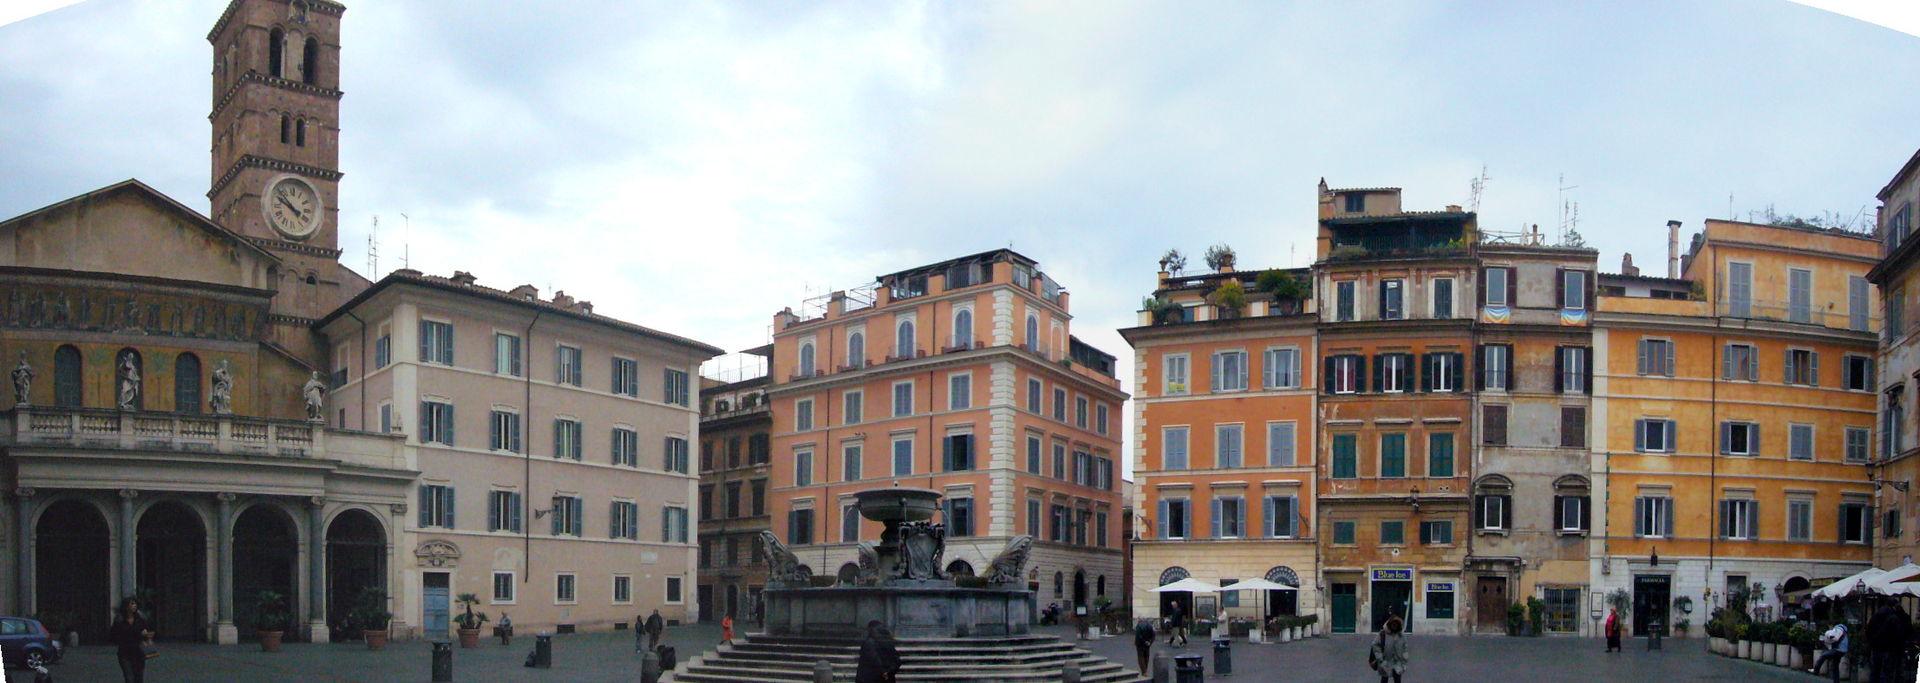 Roma, Trastevere.